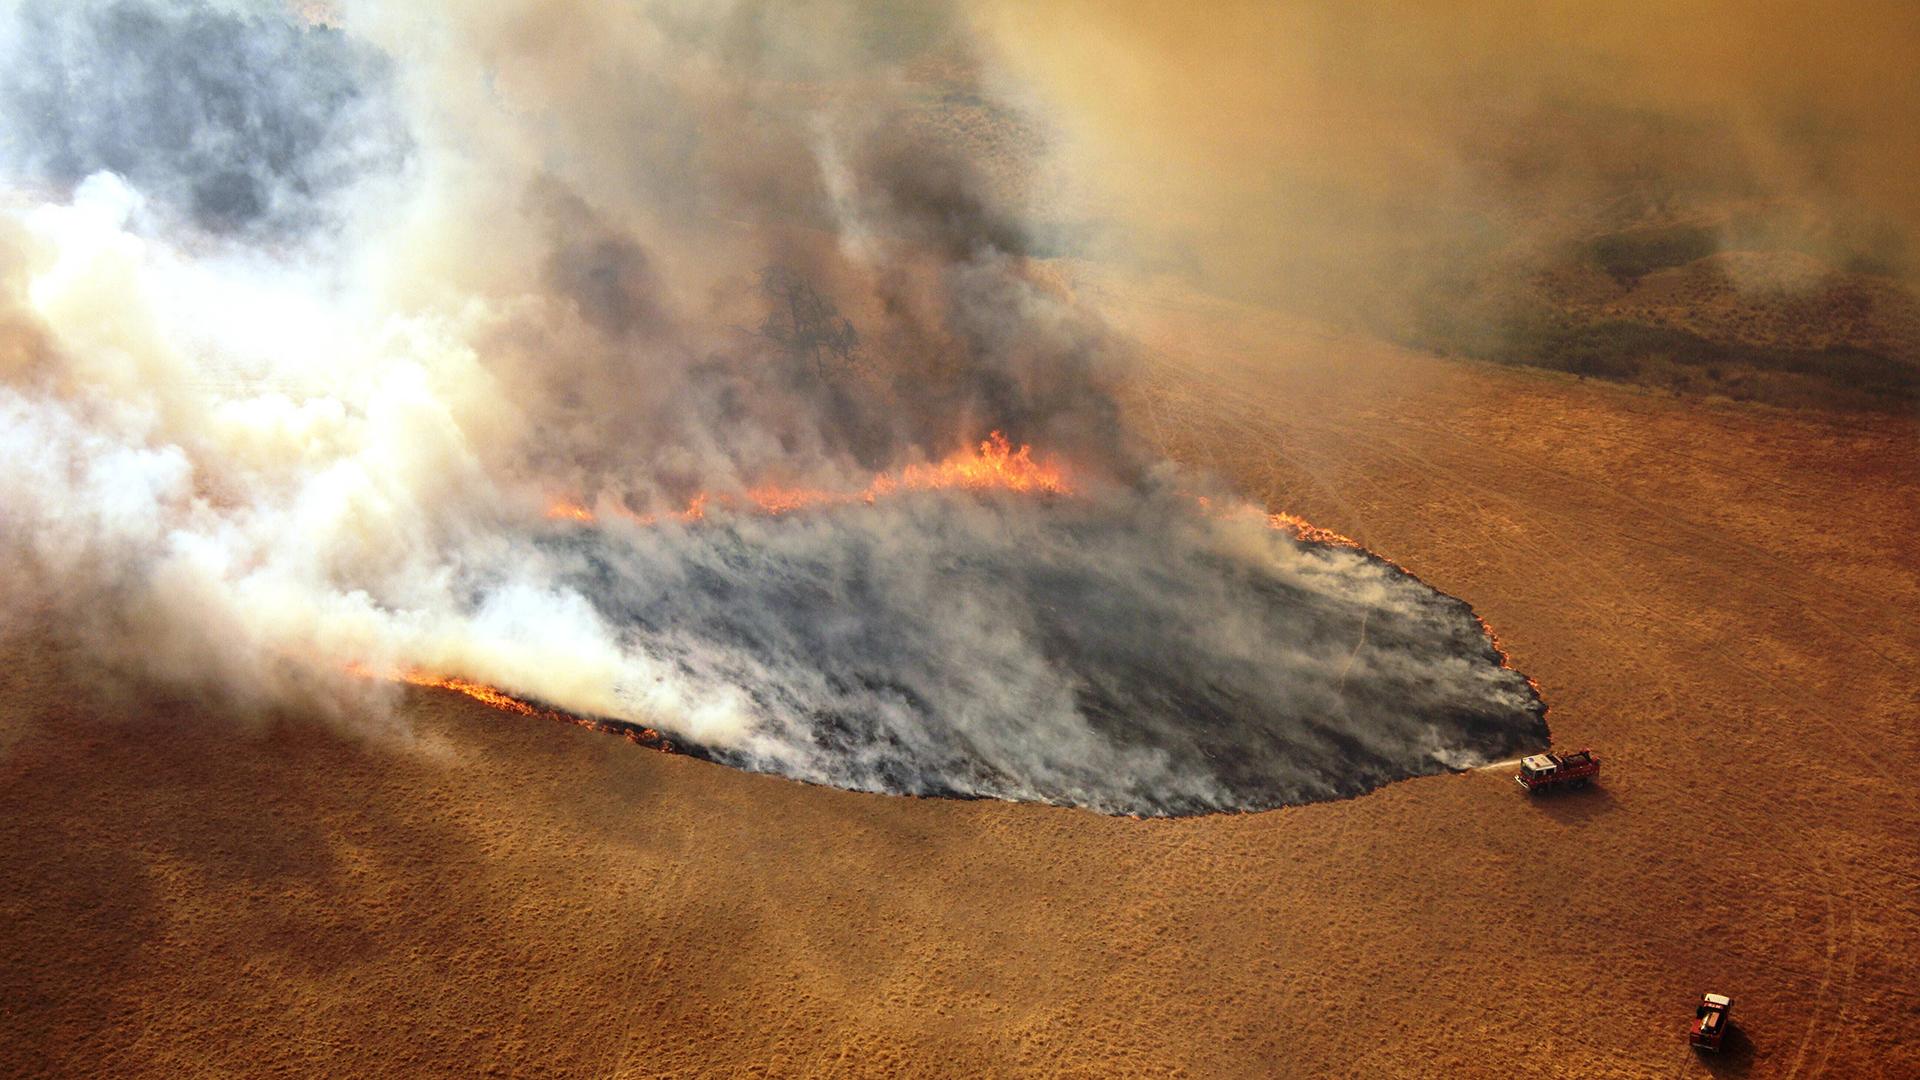 Australiassa Victoriankin osavaltiossa 20-luku alkoi valtavien tulipalojen hallittessa maastoa.